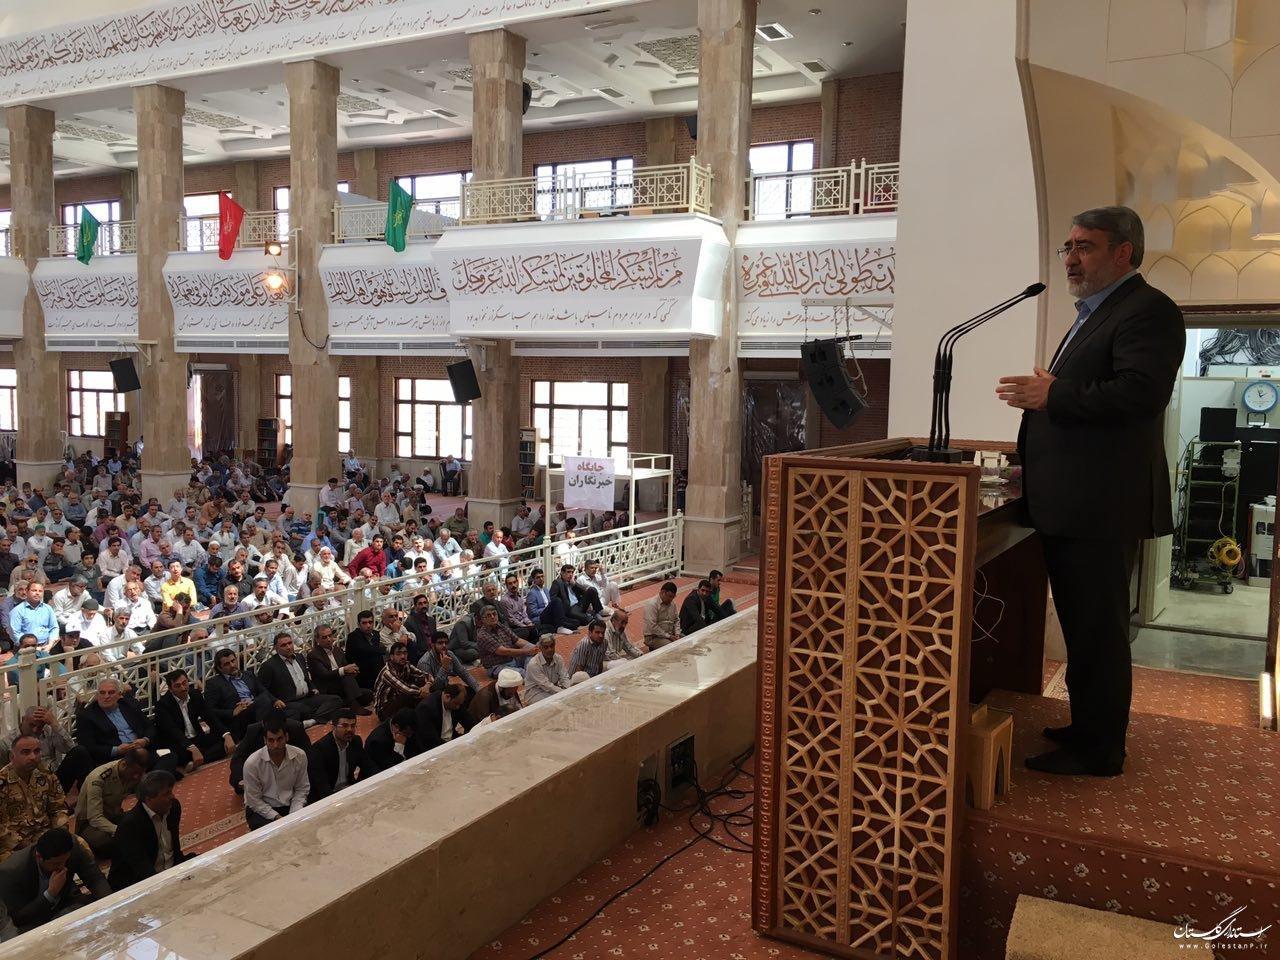 وزیر کشور در سخنرانی پیش از خطبههای نماز جمعه گرگان:همه اراده دولت در بهبود اوضاع اقتصادی است